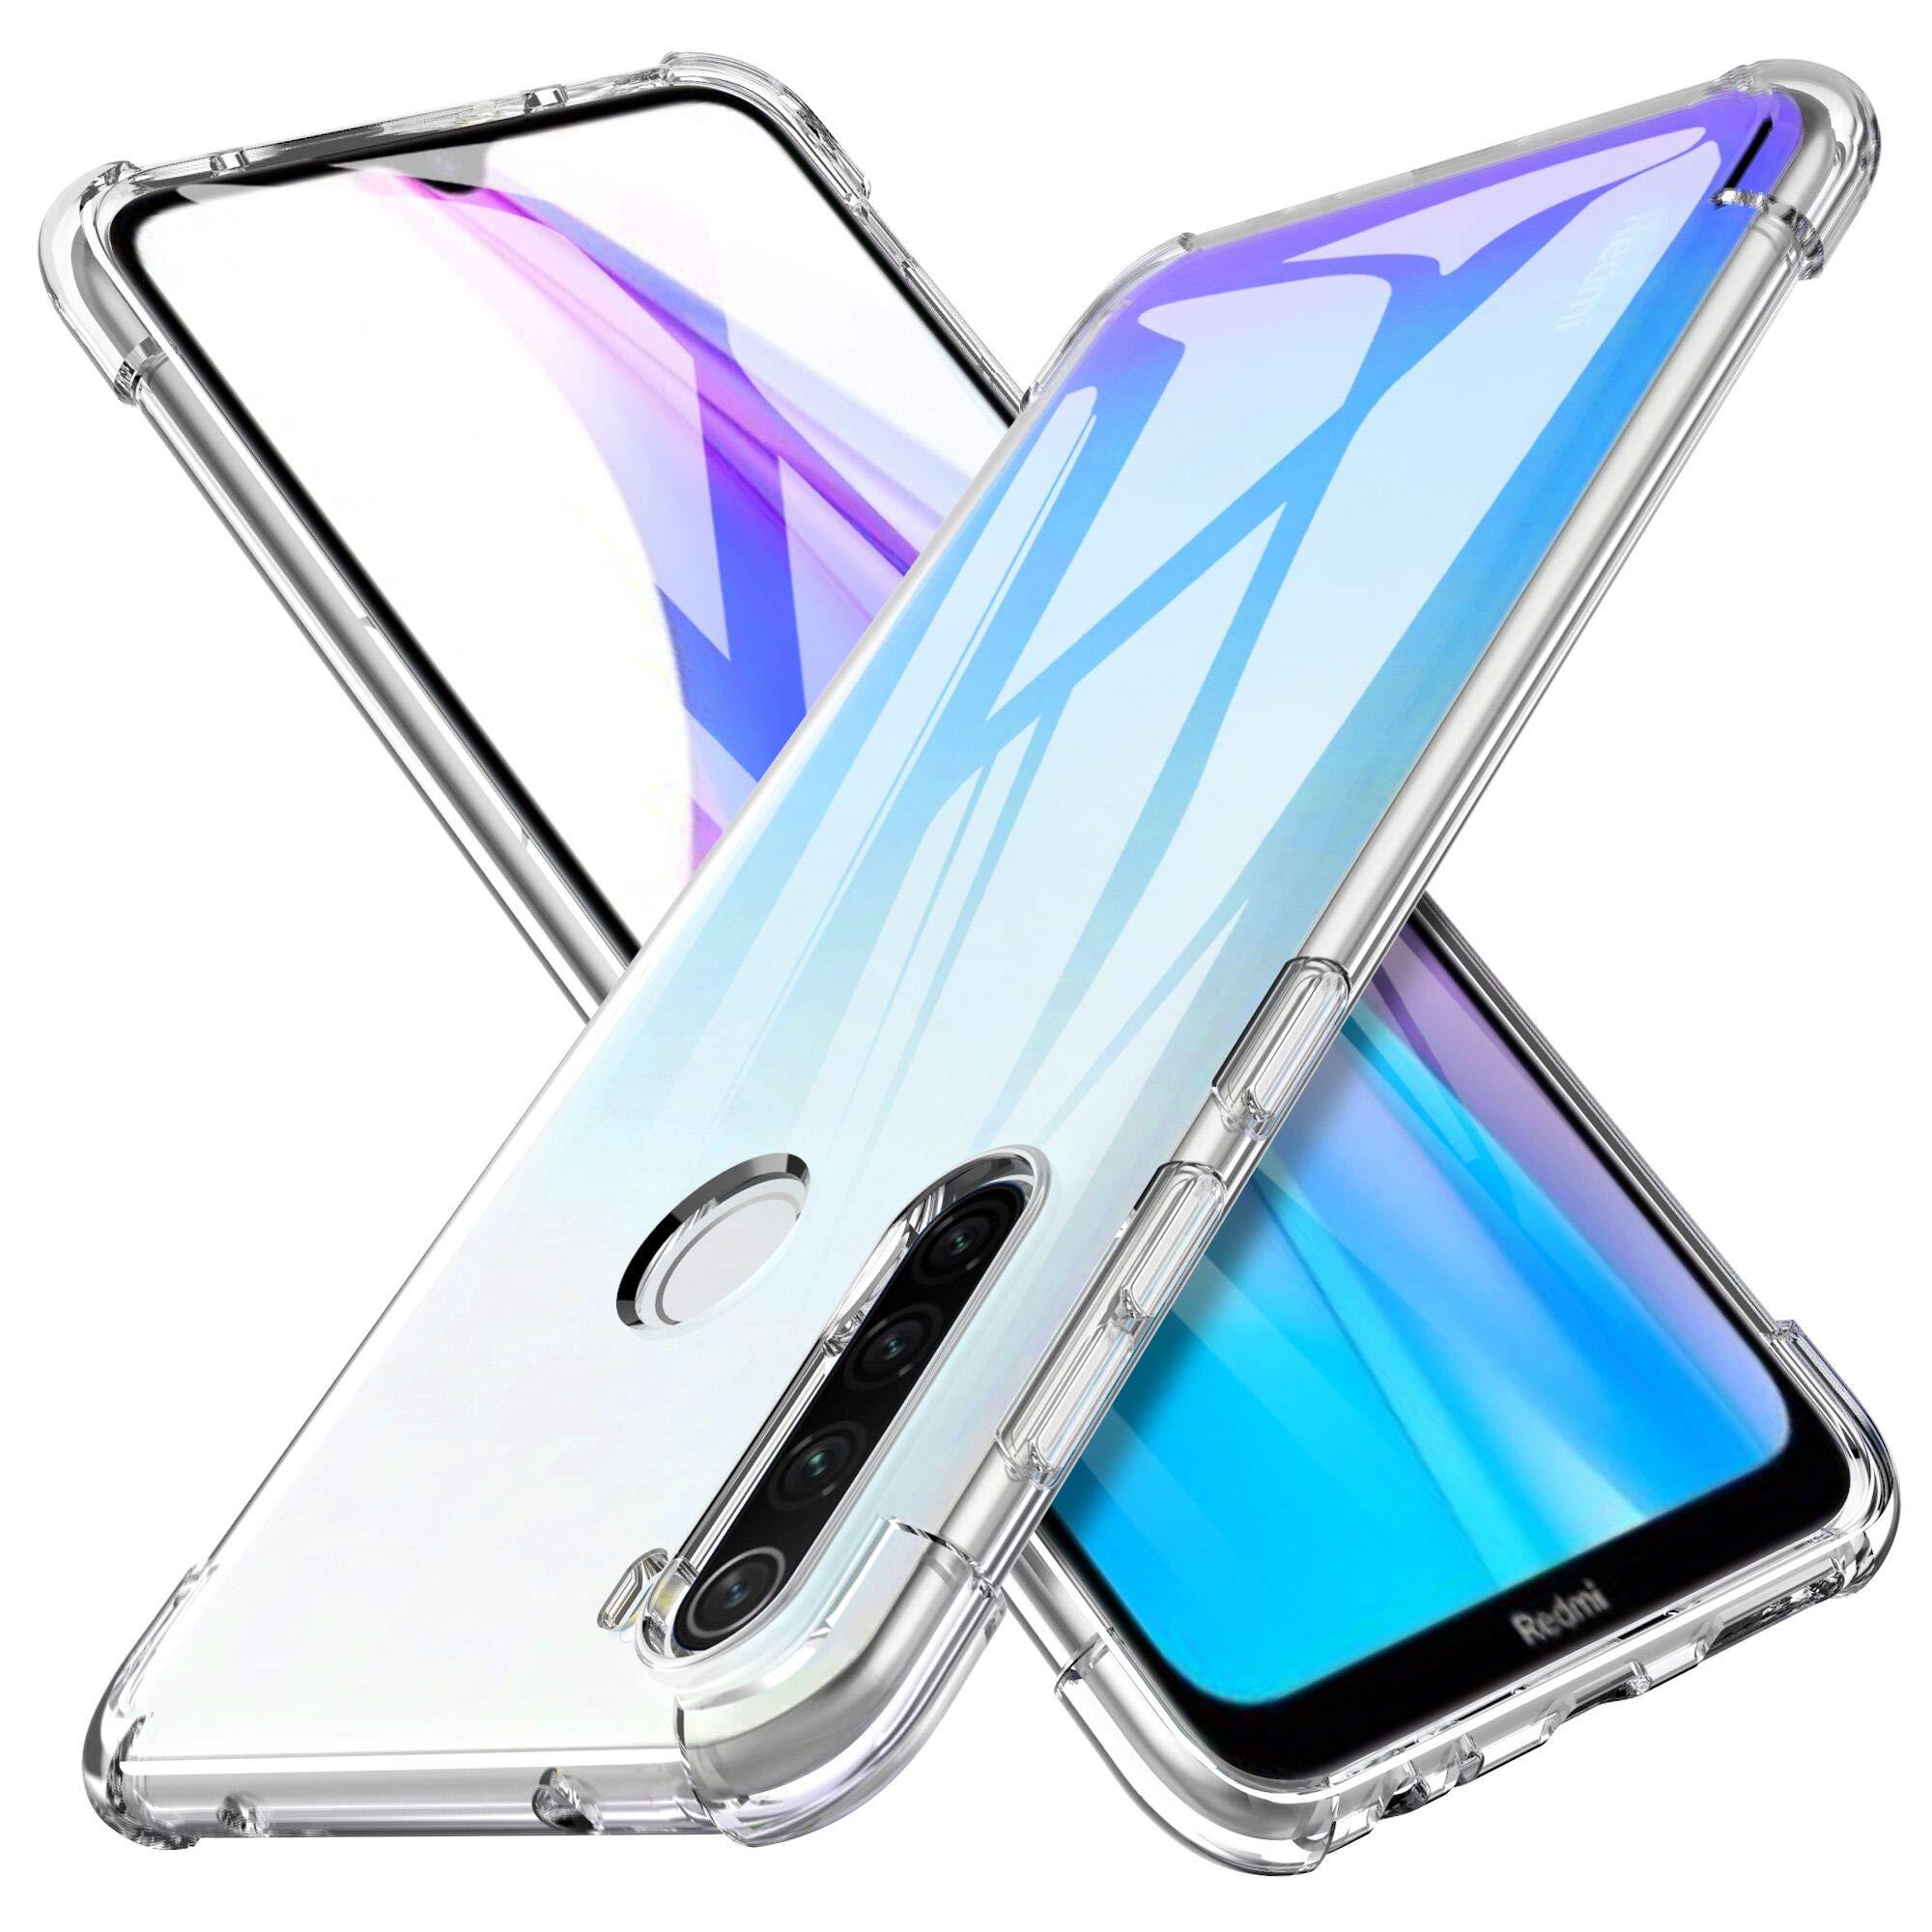 iBetter Diseño para Funda Xiaomi Redmi Note 8T Funda, [Protección de Cuatro ángulos] TPU con Superficie Mate Silicona Fundas para Xiaomi Redmi Note 8T Smartphone.Transparente: Amazon.es: Electrónica